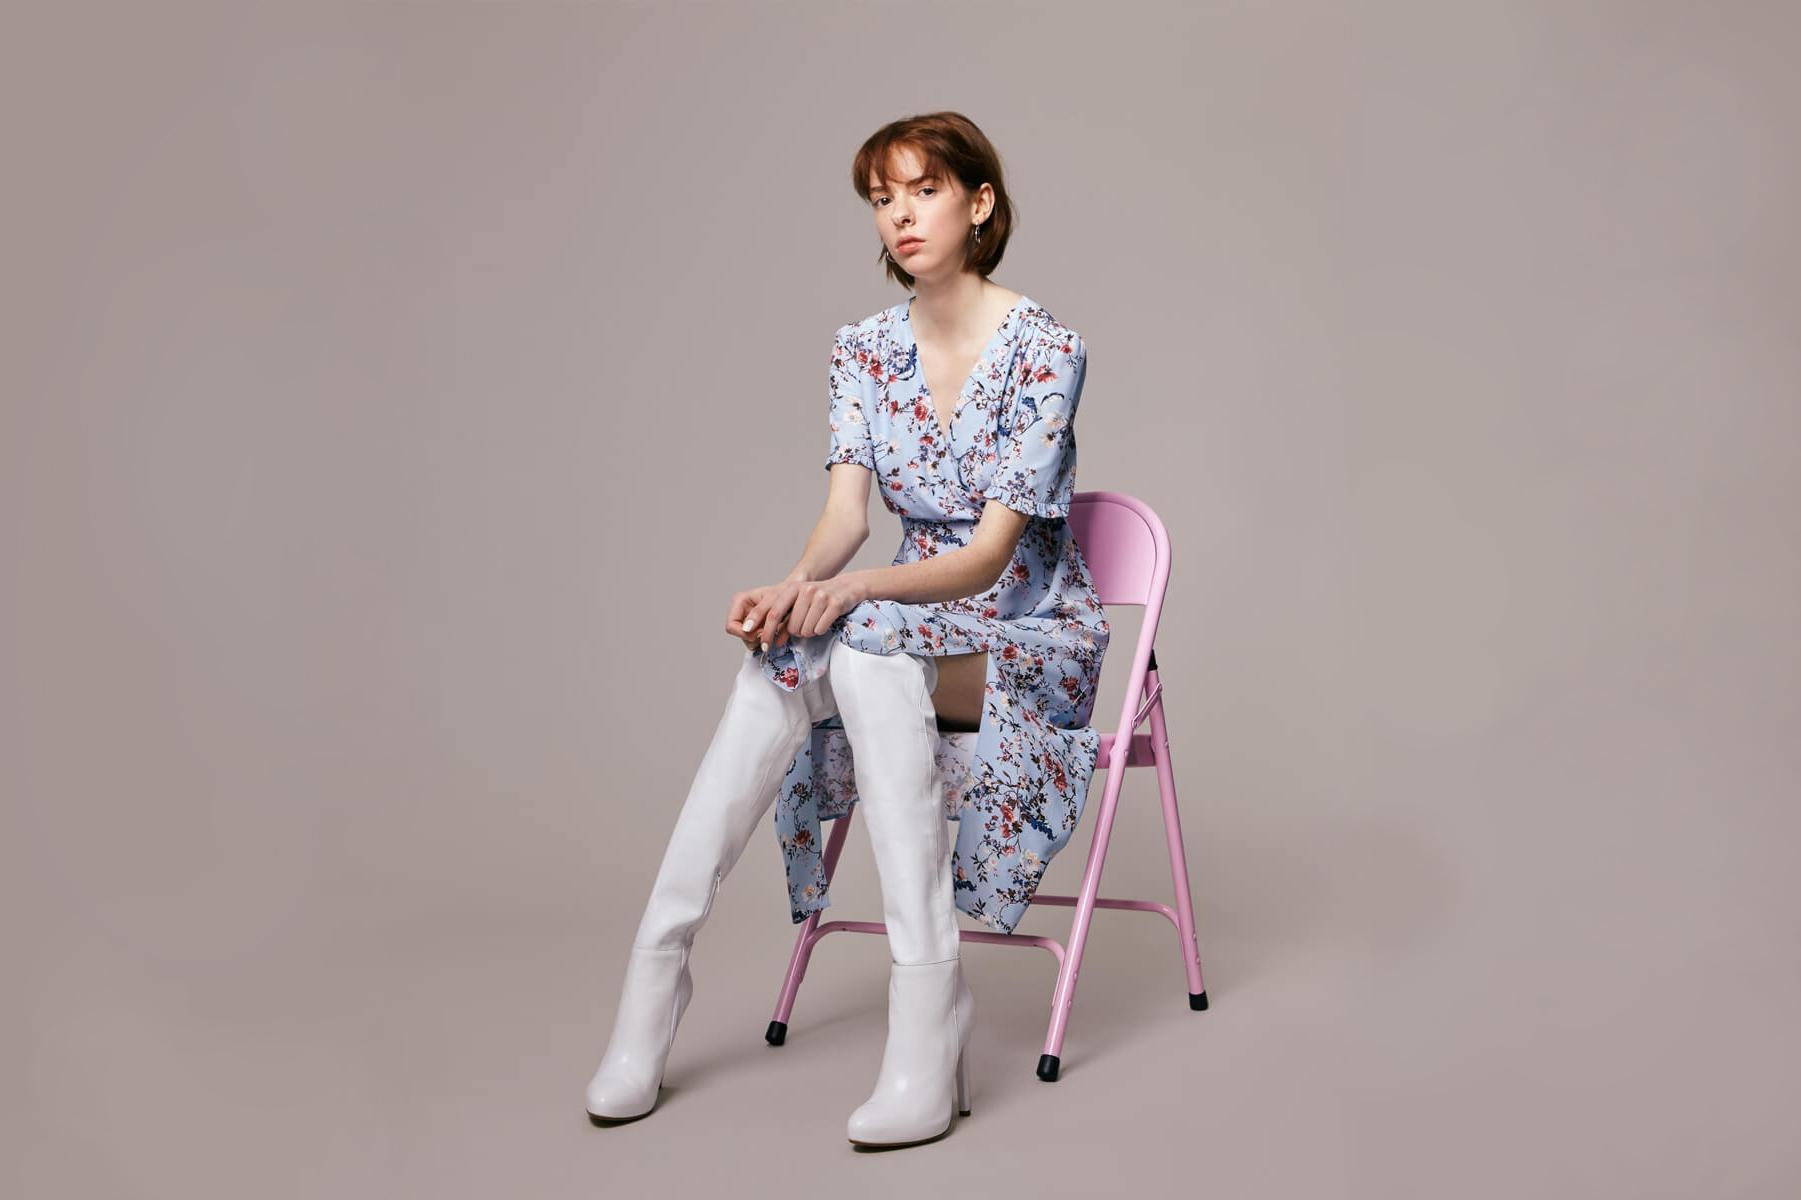 Zalando, Valentines Day, Ruth Bartlett, Our Bartlett, Set Design, Prop Styling